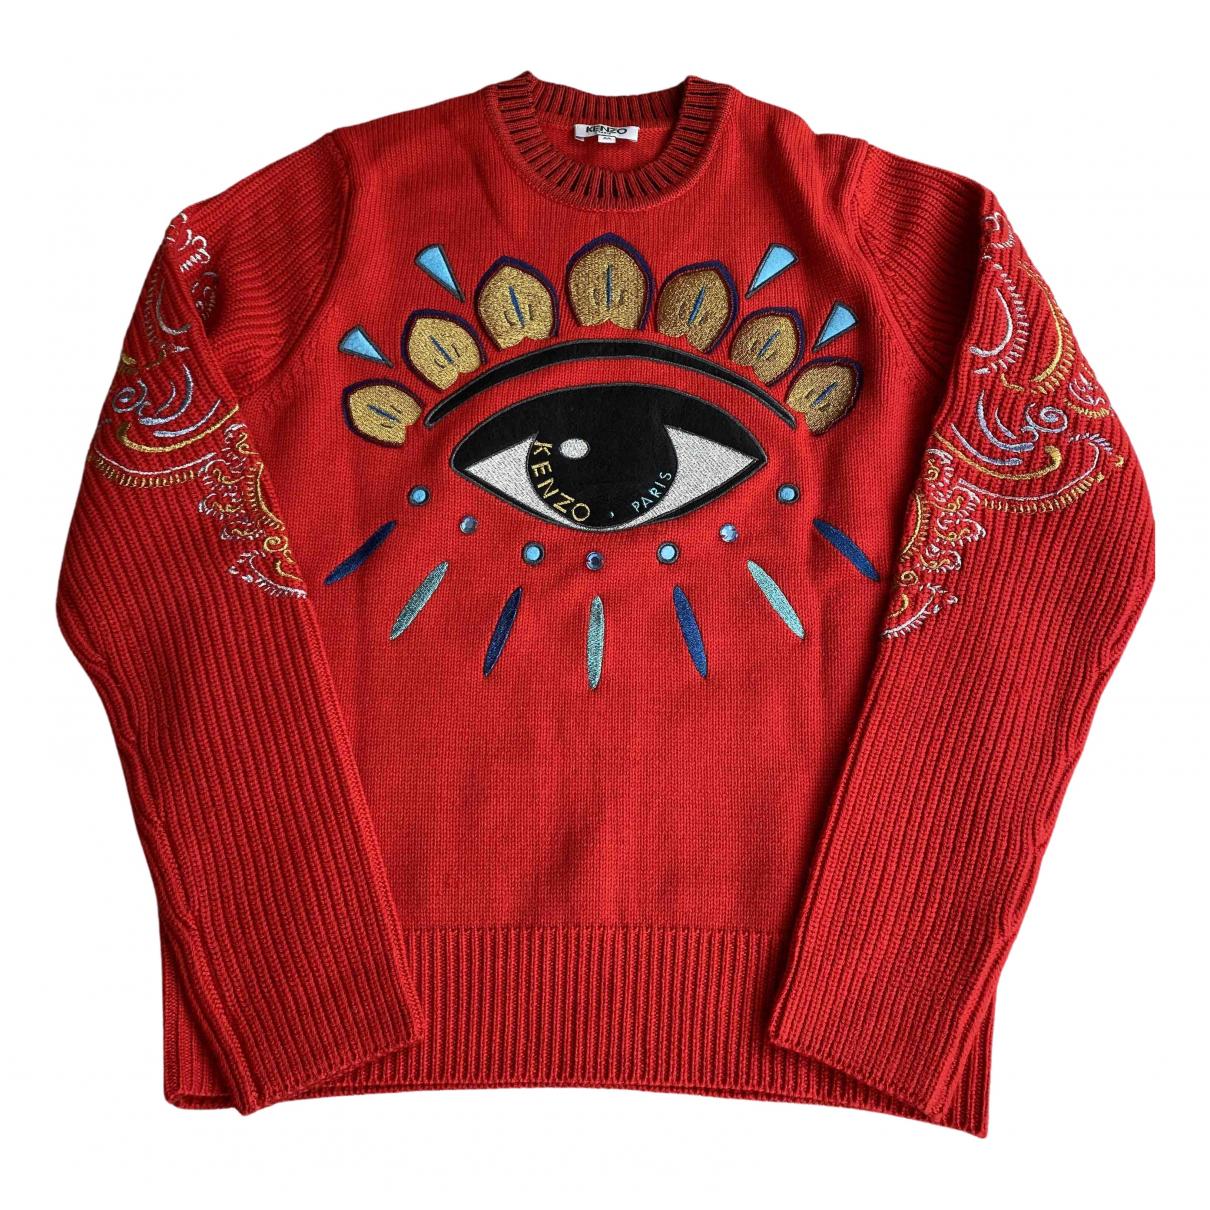 Kenzo N Red Wool Knitwear for Women M International